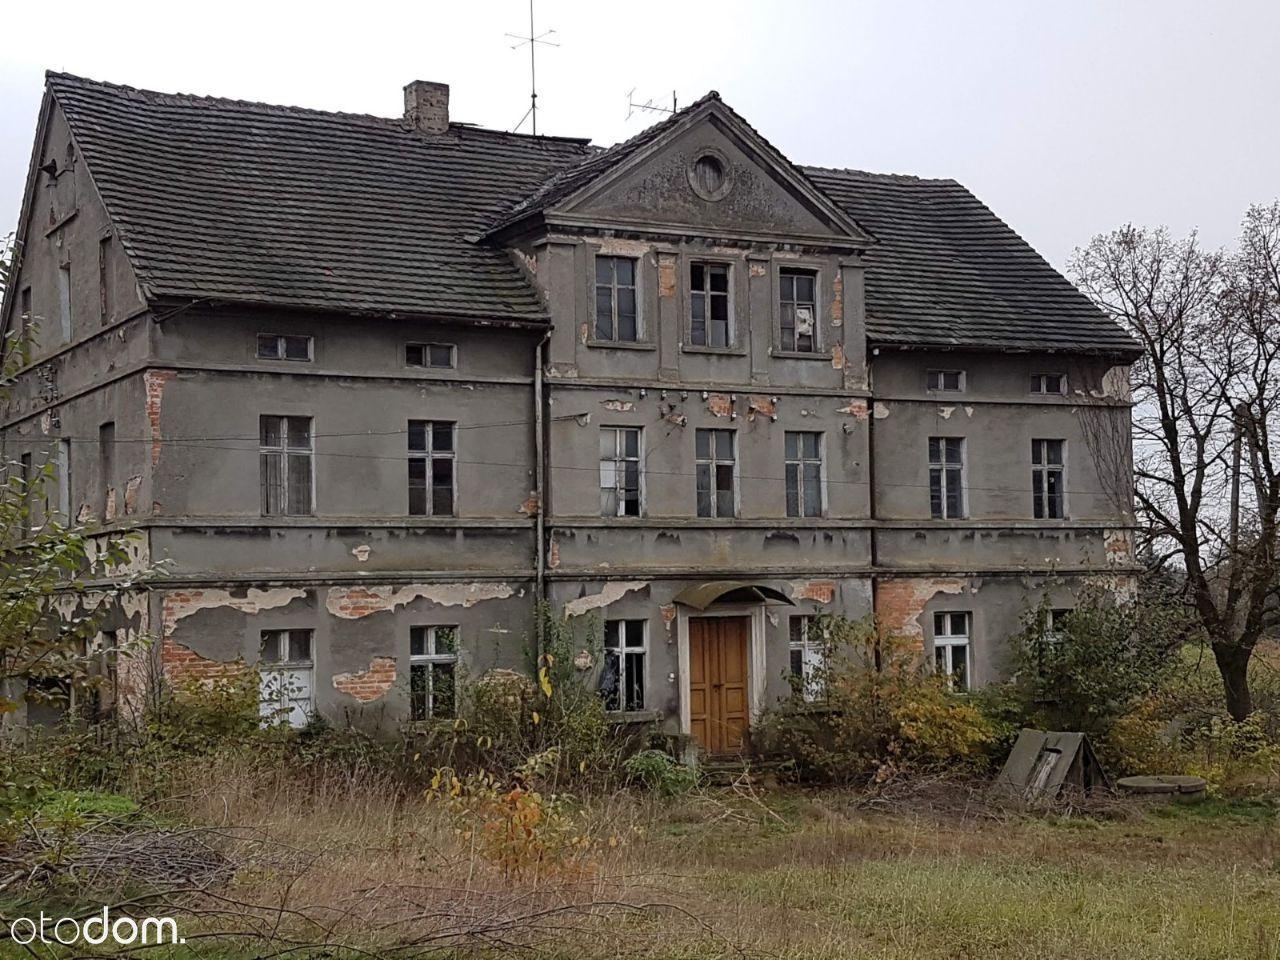 Dom / willa / dwór / gospodarstwo Różyniec